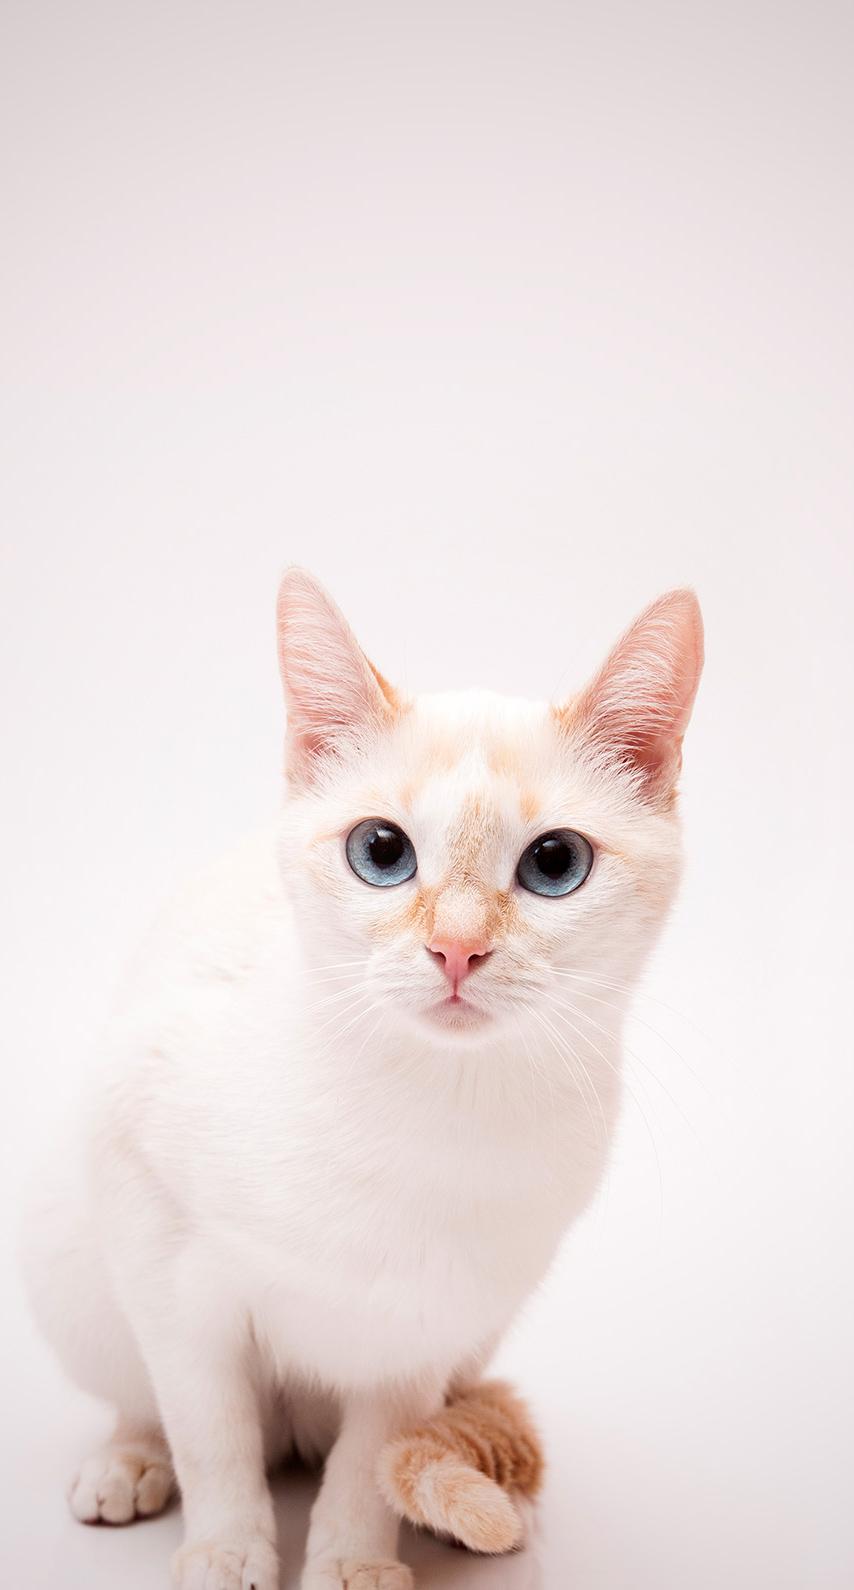 kitten, fur